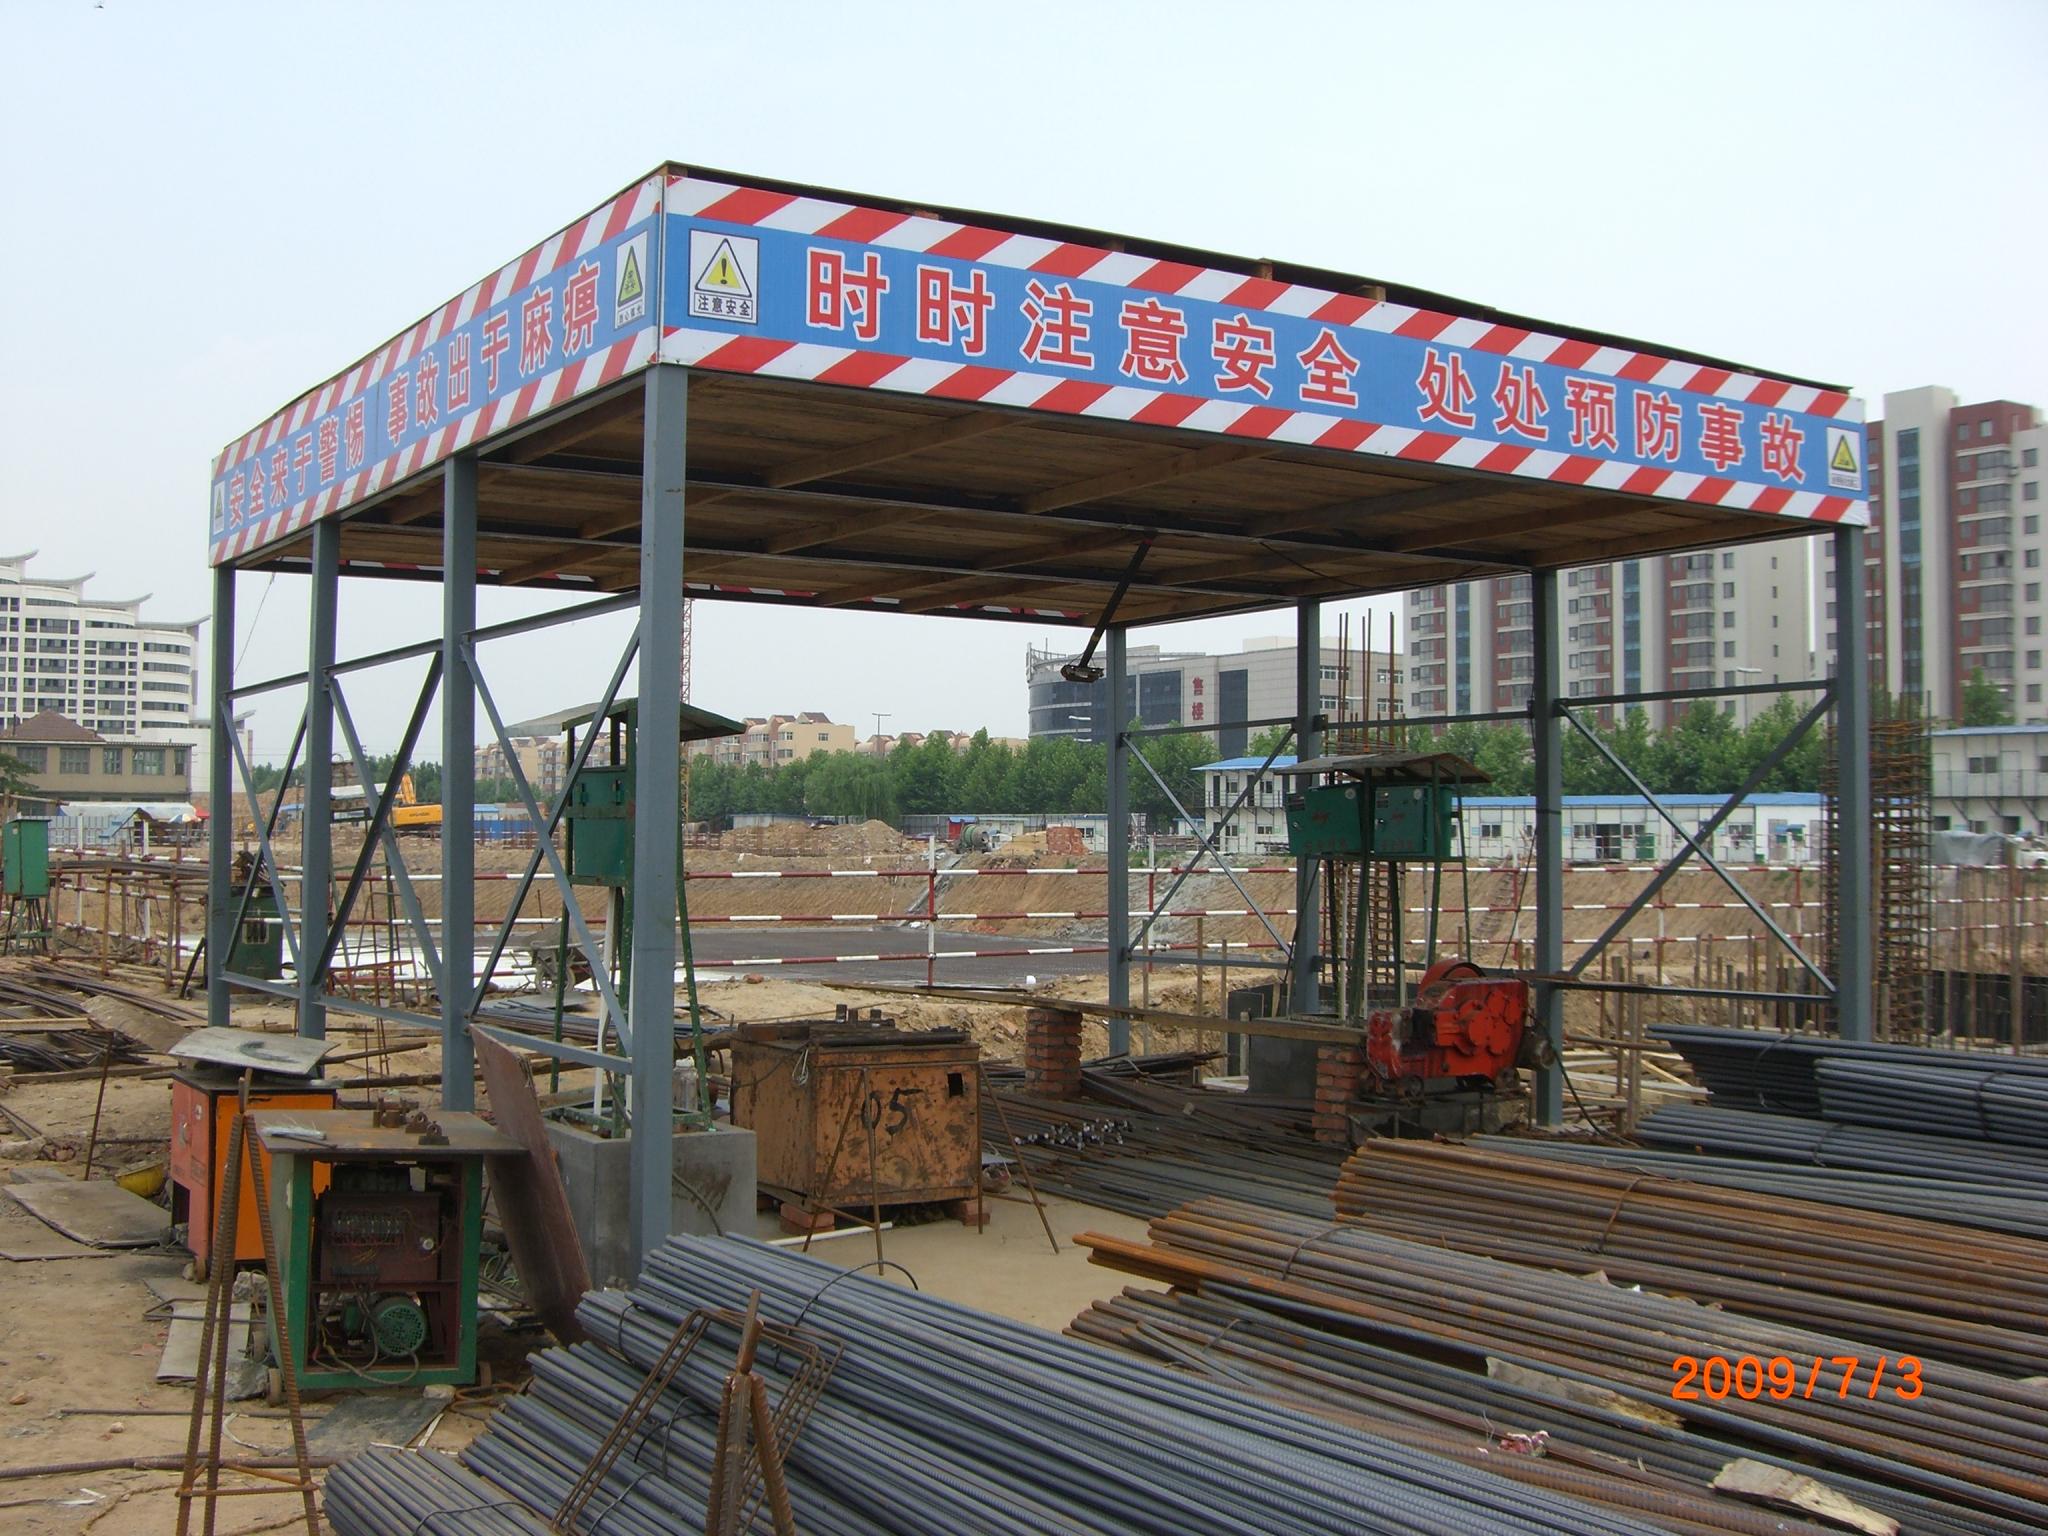 钢结构防护棚 钢防护棚 施工防护棚 工地防护棚 建筑防护棚